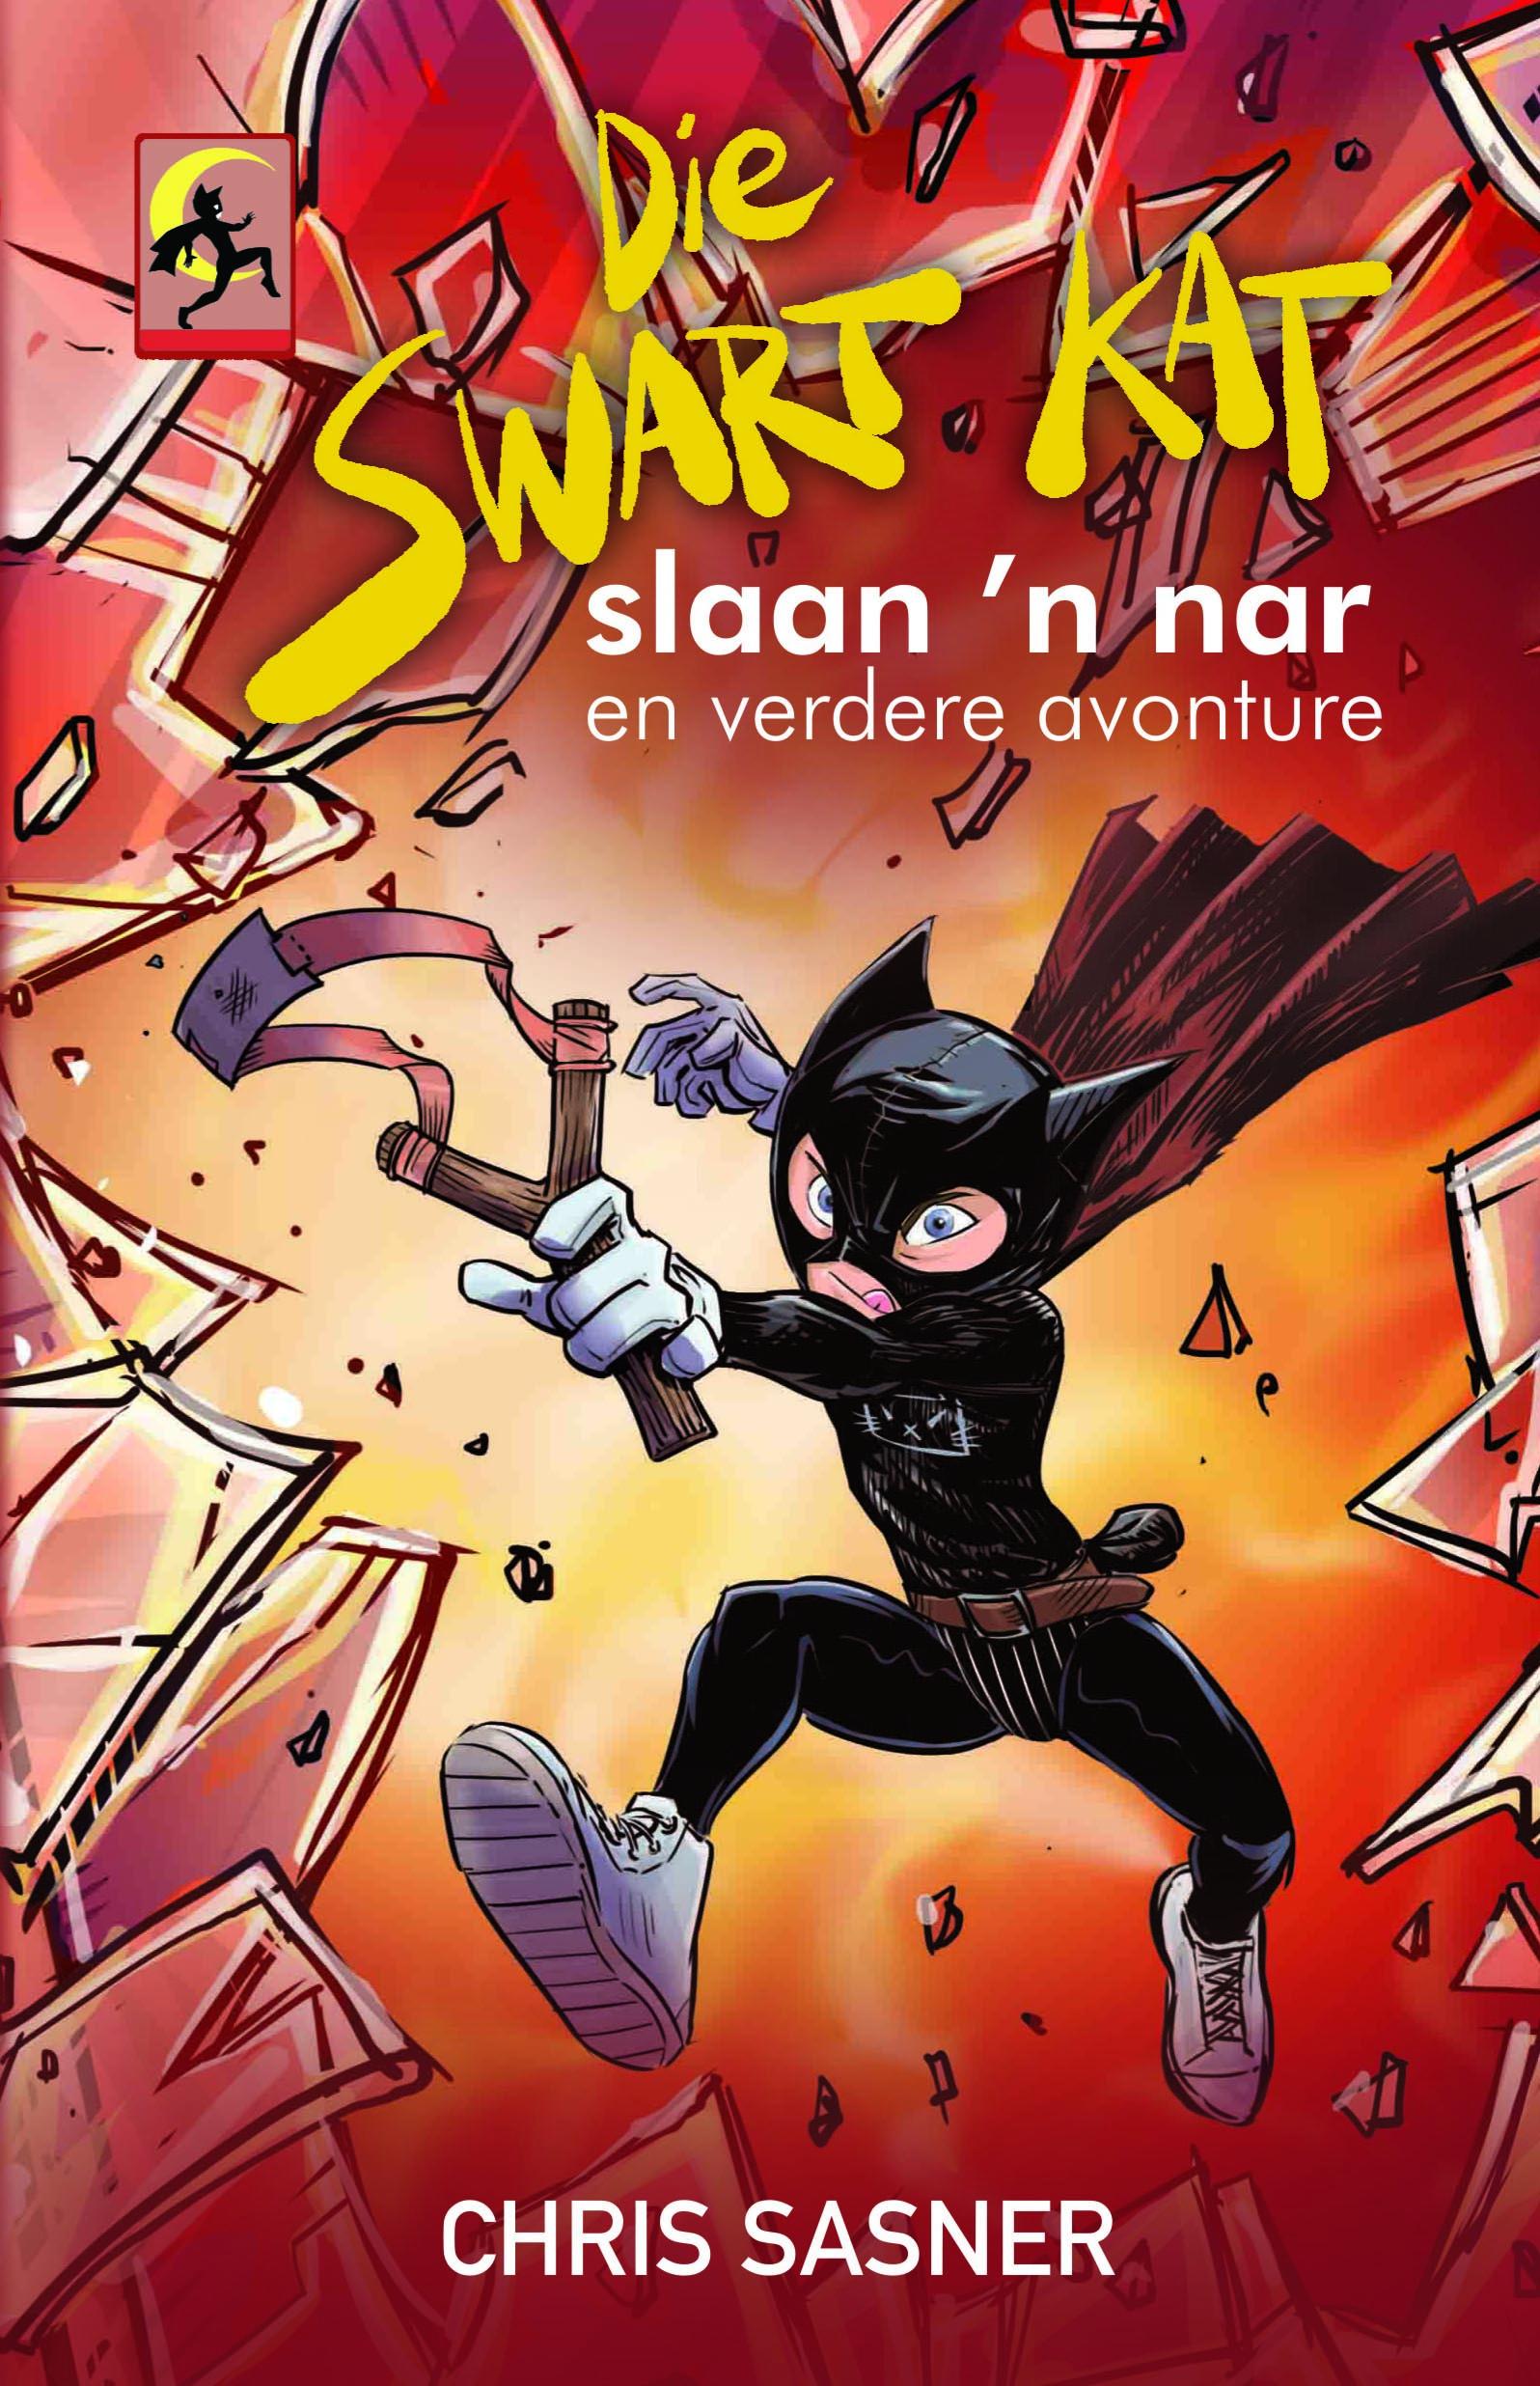 Die Swart Kat Slaan 'n Nar: Boek 4